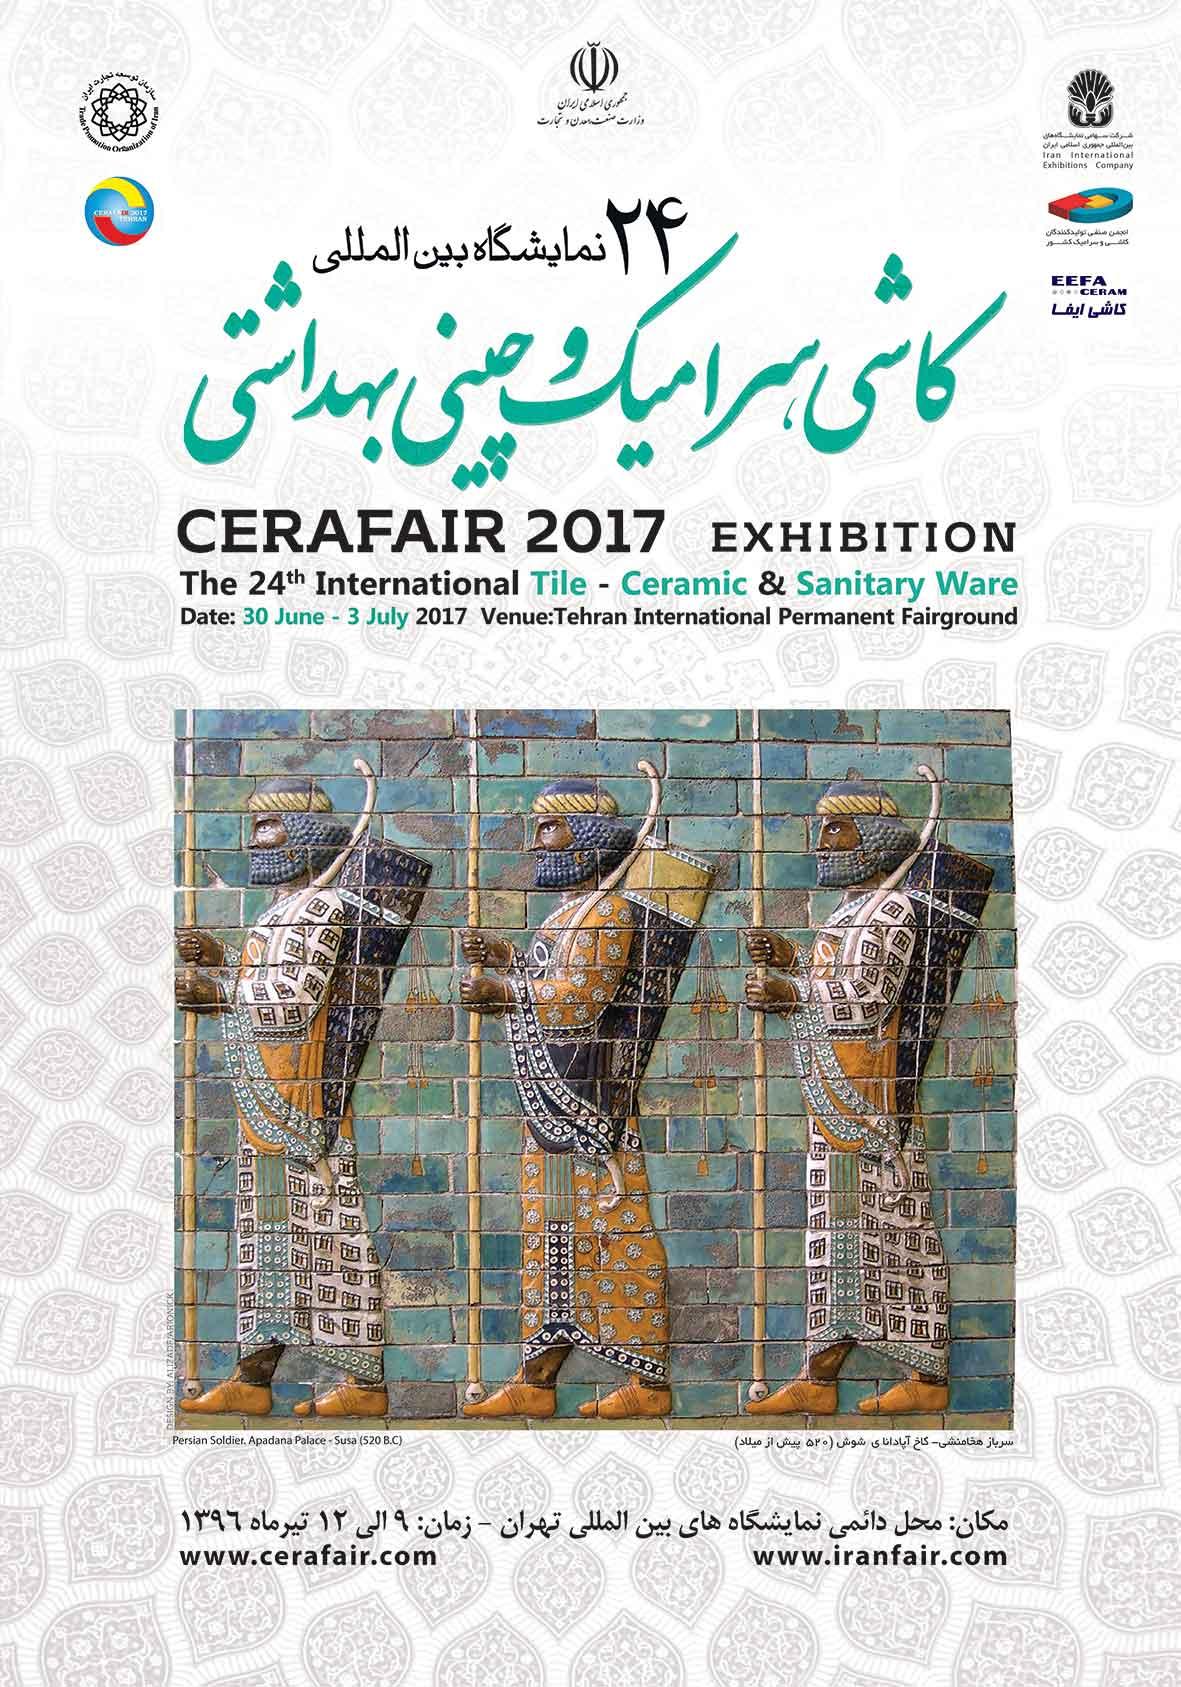 بیست و چهارمین نمایشگاه بین المللی کاشی، سرامیک و چینی بهداشتی